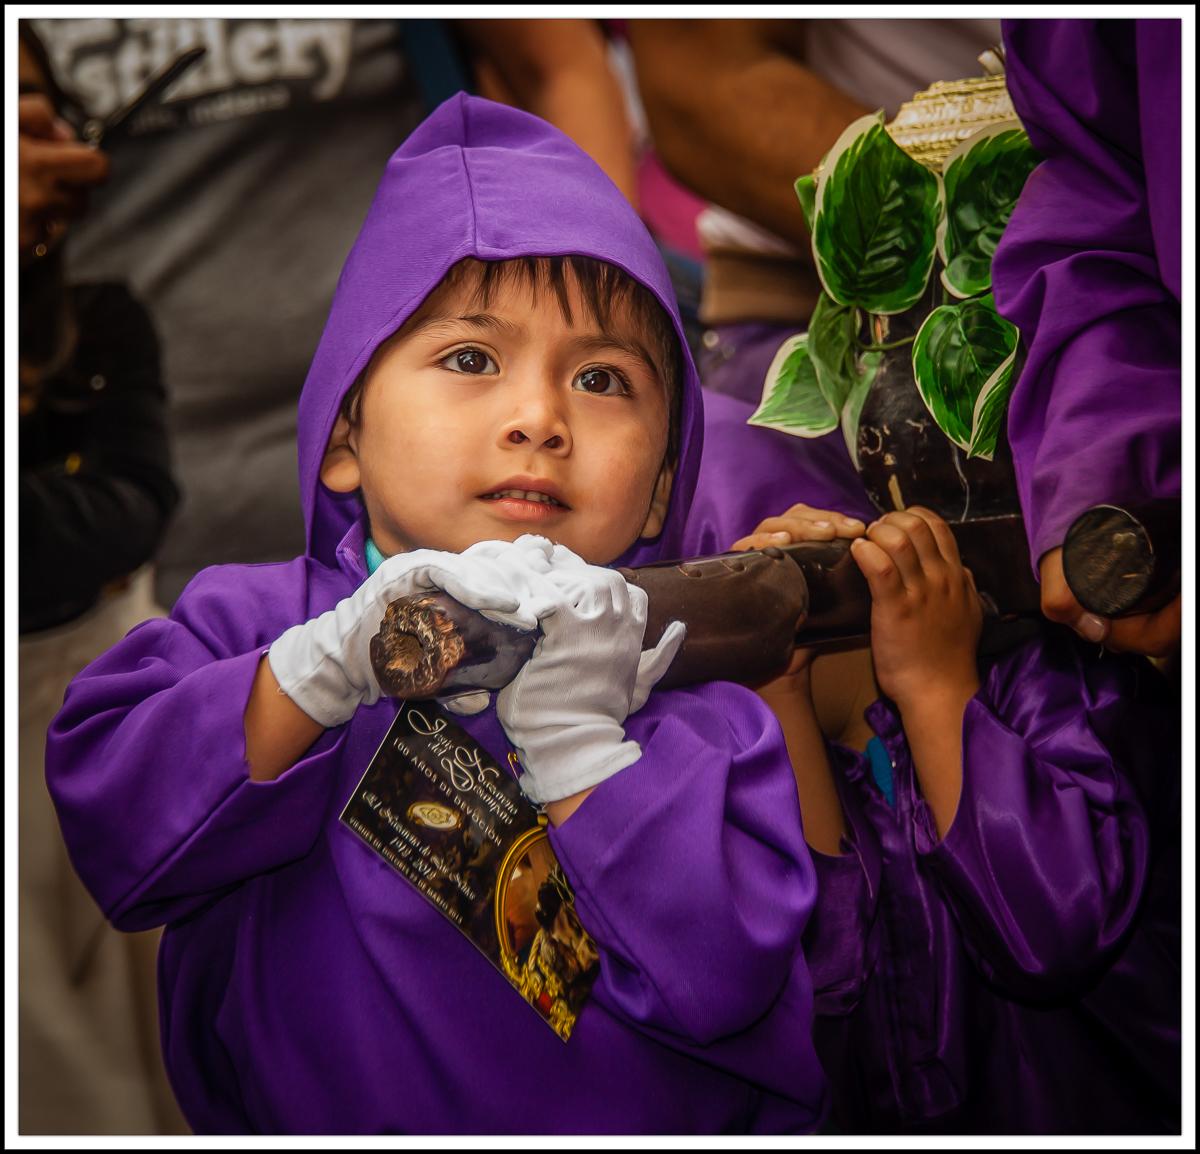 Semana Santa Child